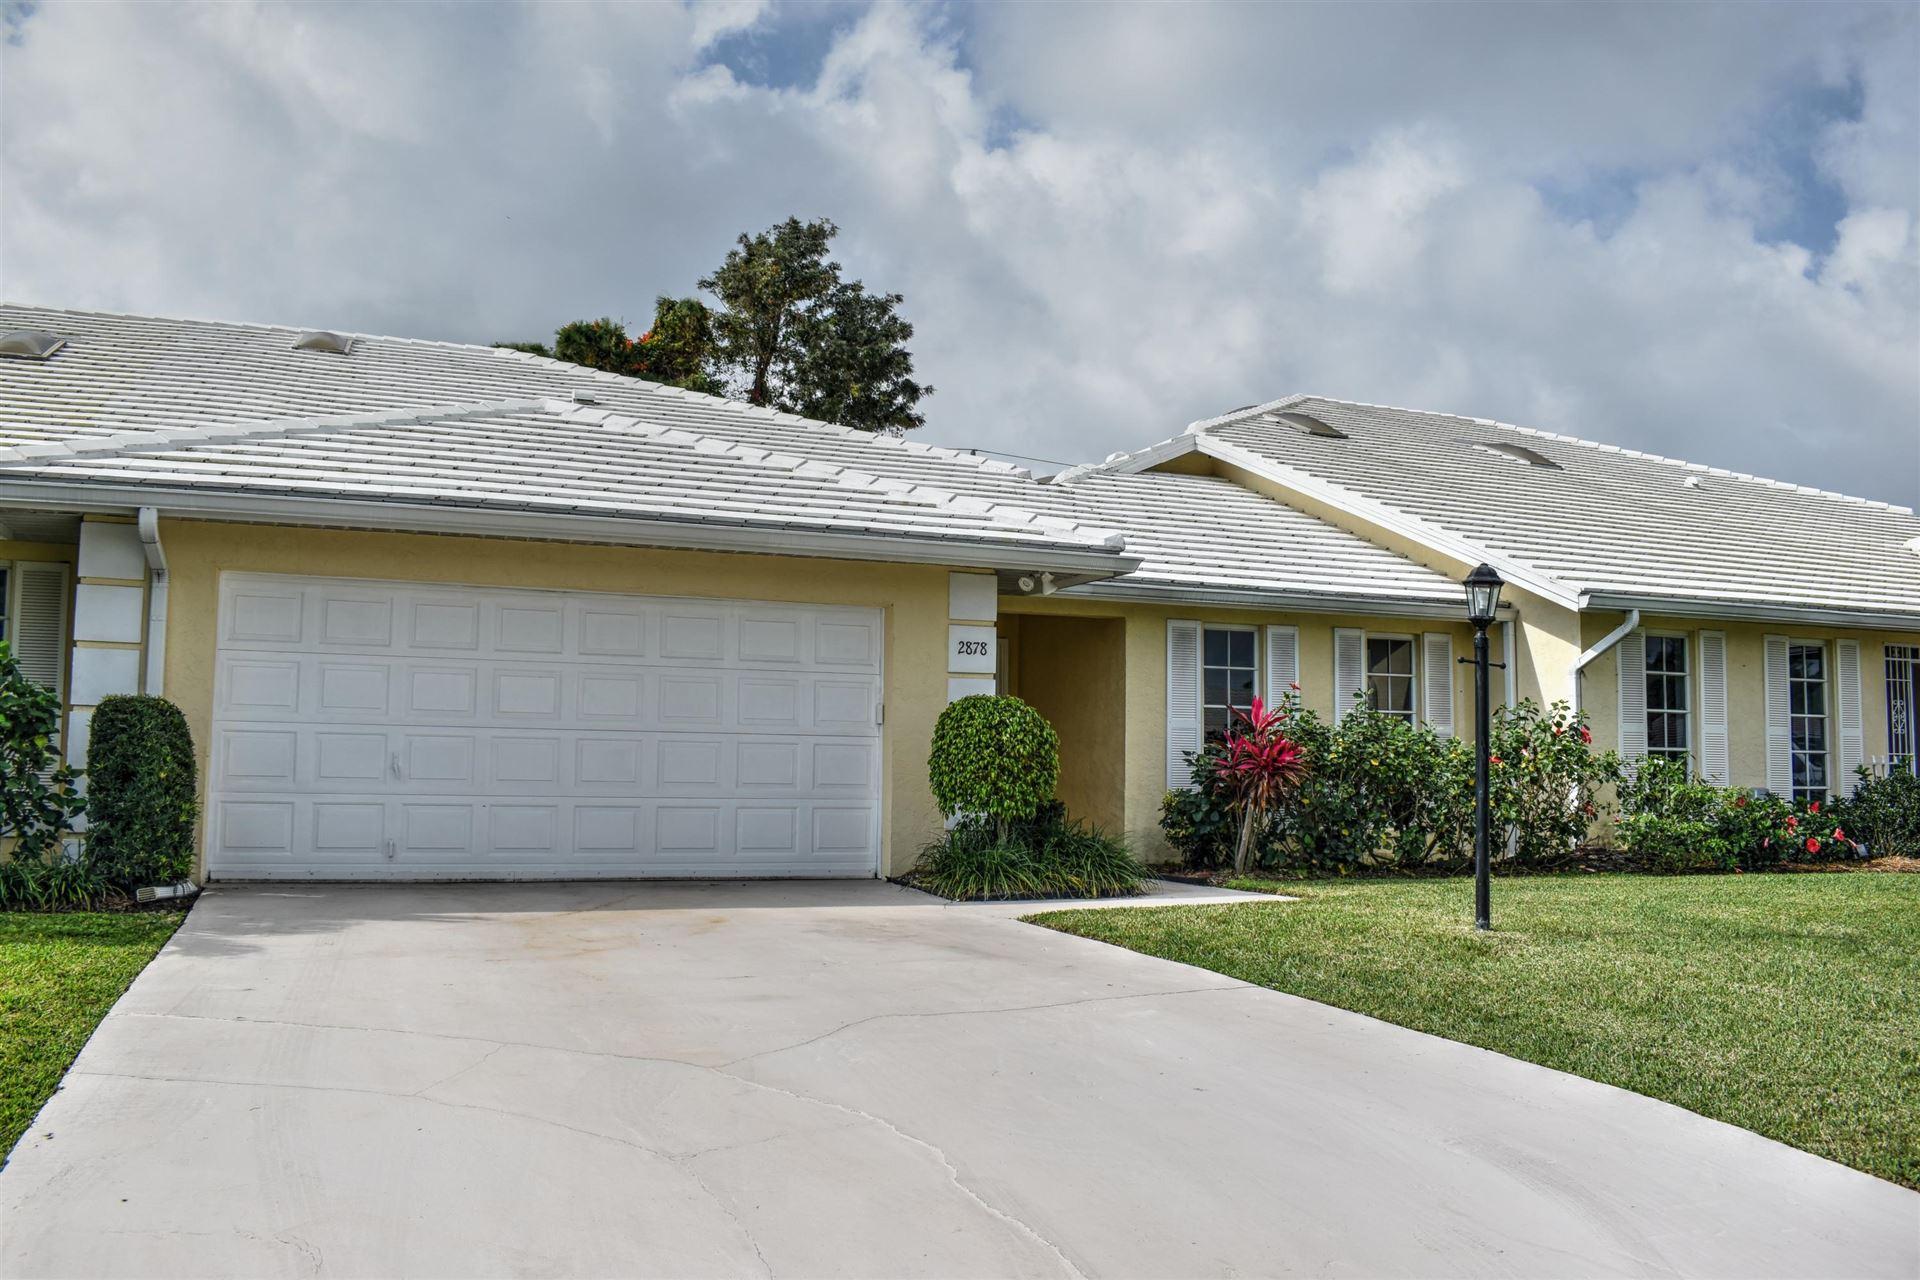 2878 SE Fairway W #2, Stuart, FL 34997 - #: RX-10600755